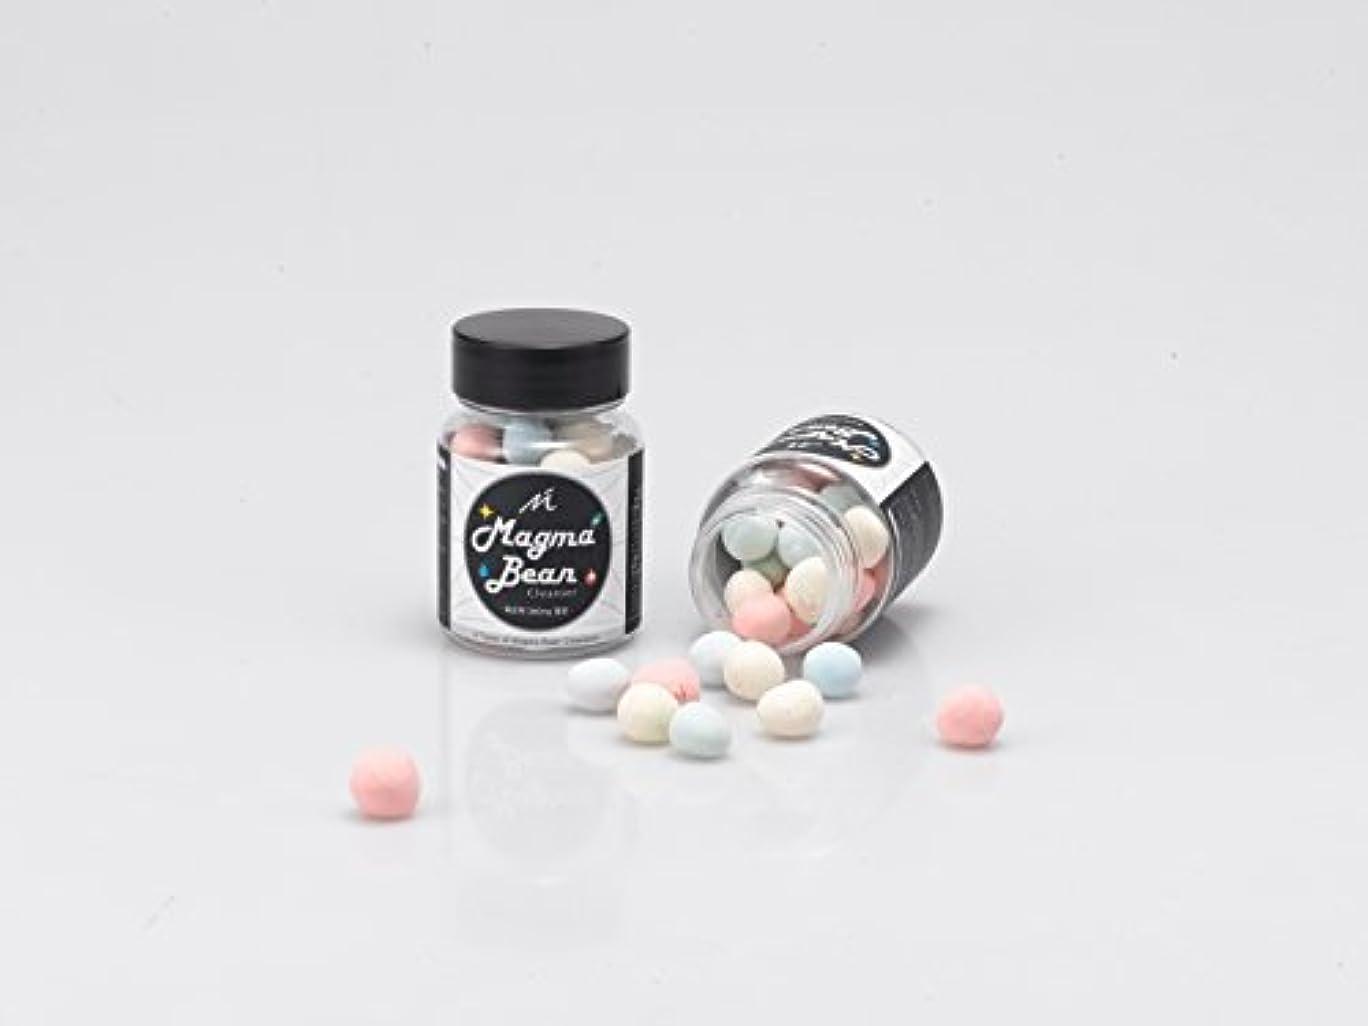 衝撃不注意アーティファクトNMC マグマ ビーン ソリッド ソープ/Magma Bean Solid Soap (34g) [並行輸入品]